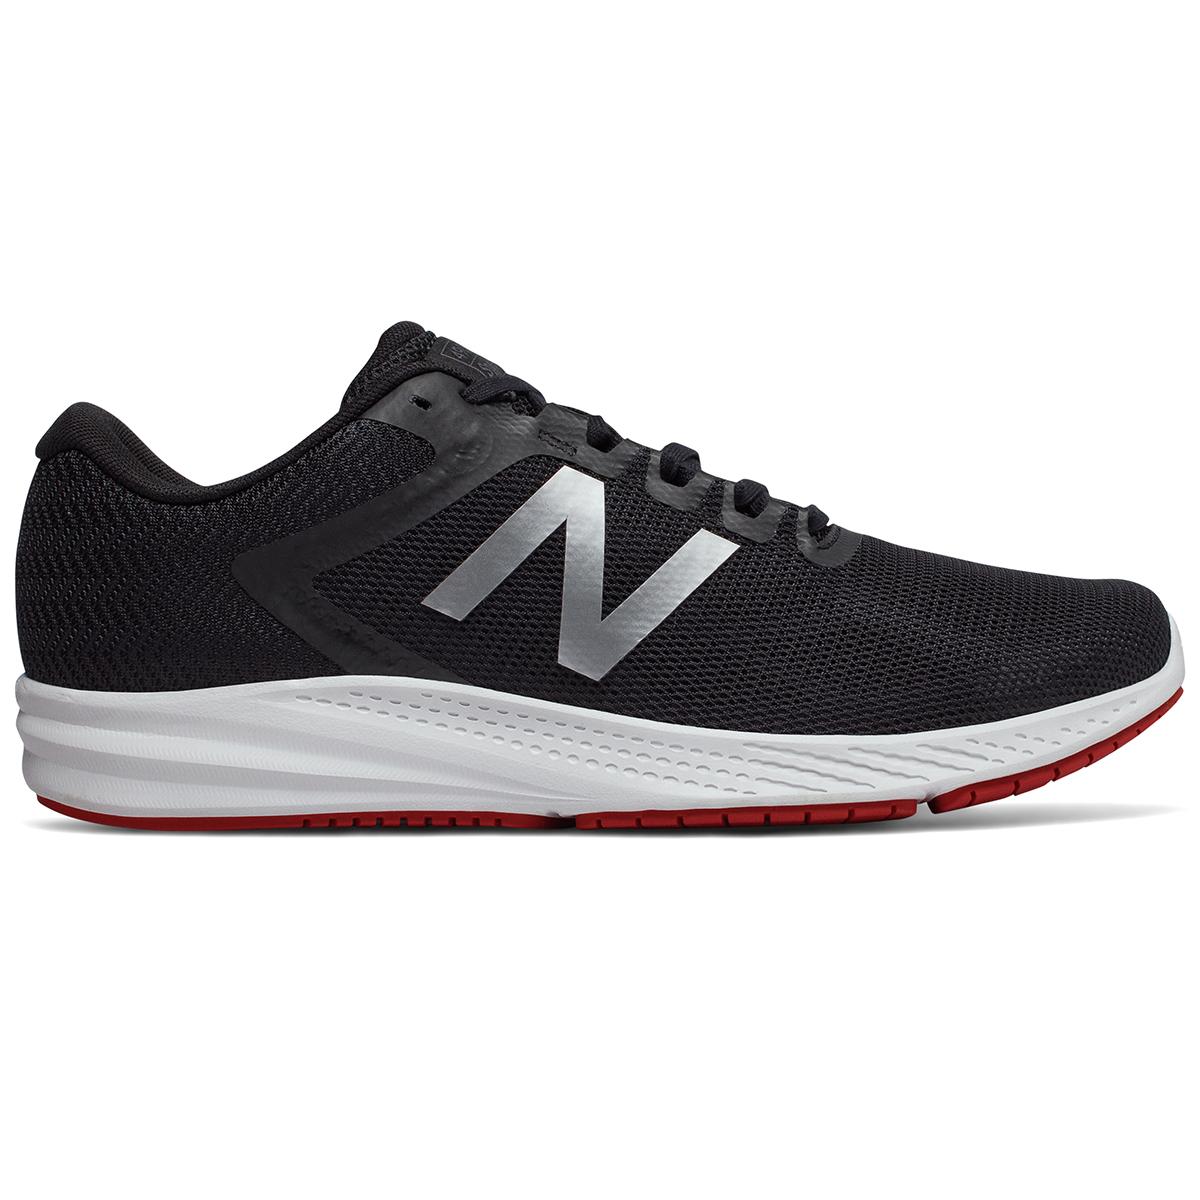 New Balance Men's 490V6 Running Shoes - Black, 11